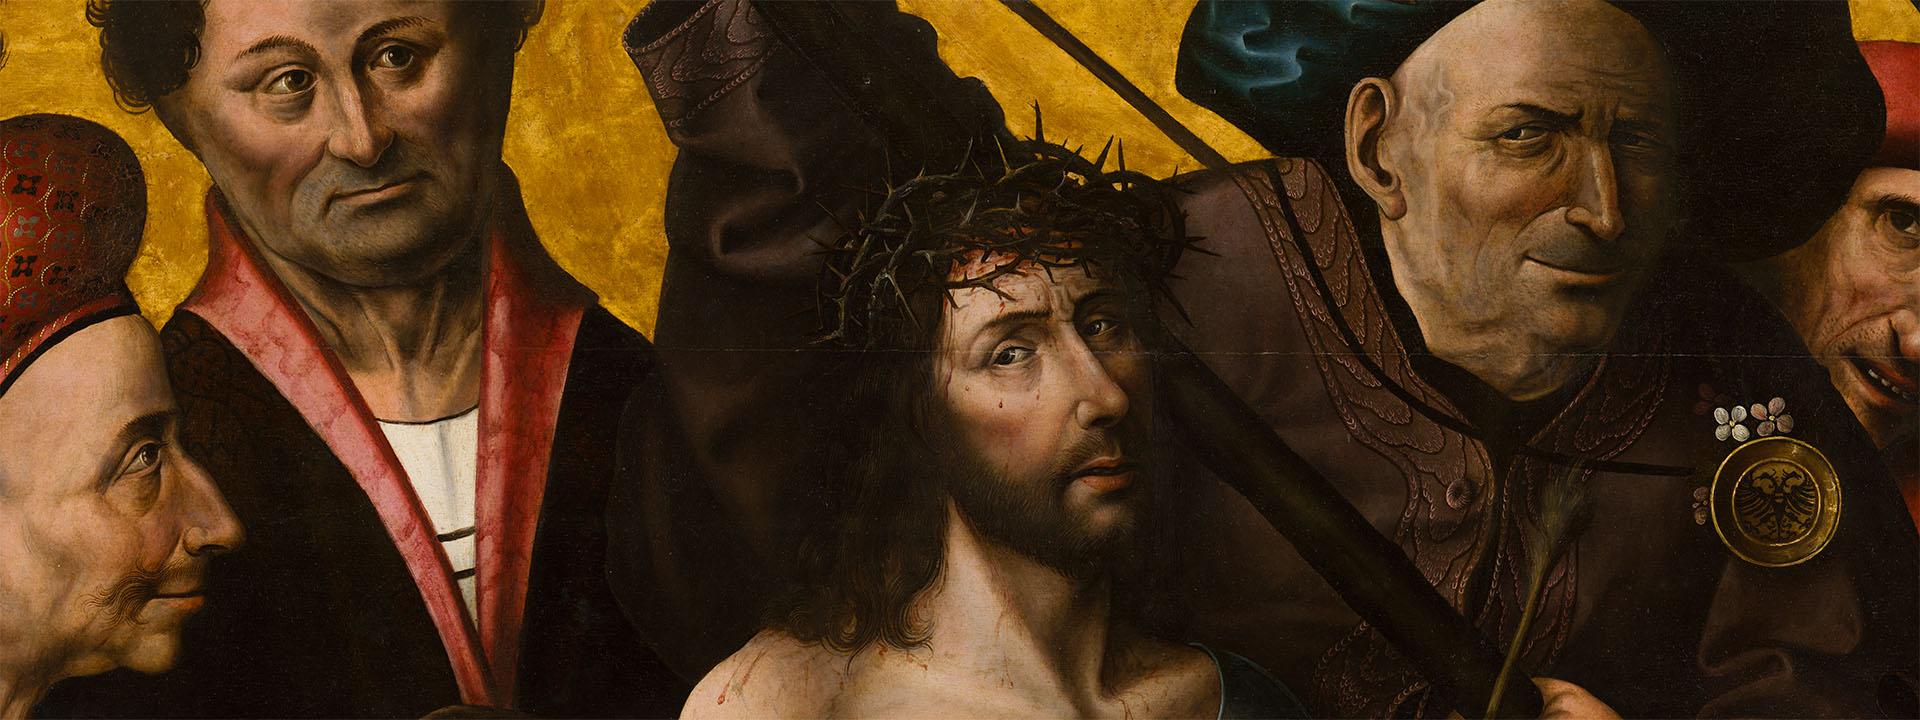 &nbsp&nbspTRÍPTIC DE LA PASSIÓ - Obrador de 'El Bosch' - Museu de Belles Arts de València